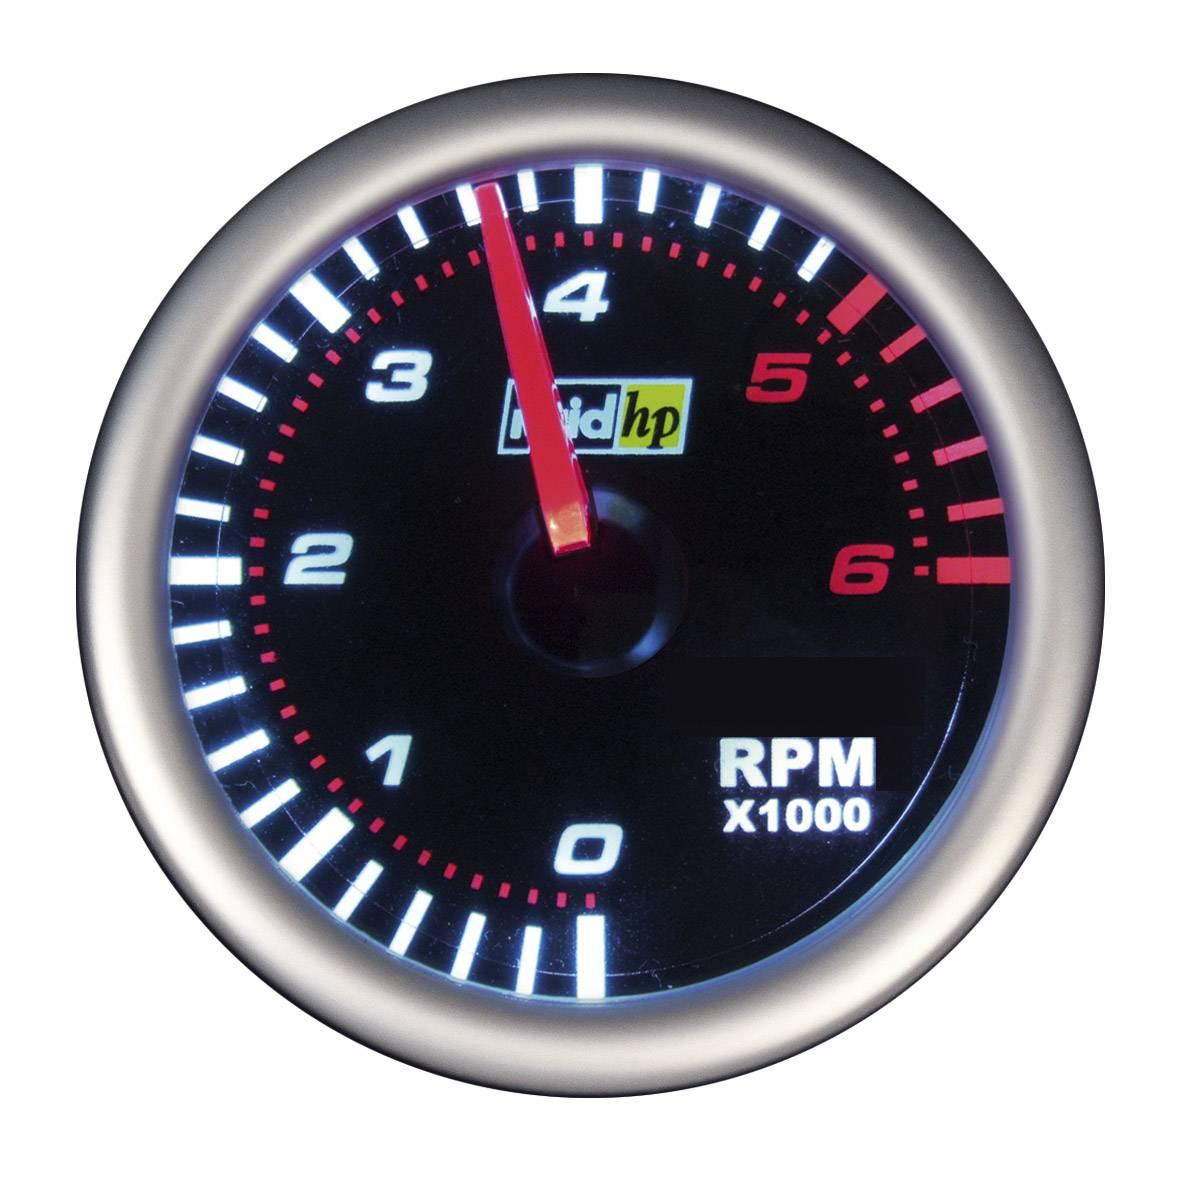 Palubní otáčkoměr pro dieslové i benzinové motory Raid Hp NightFlight, 660247